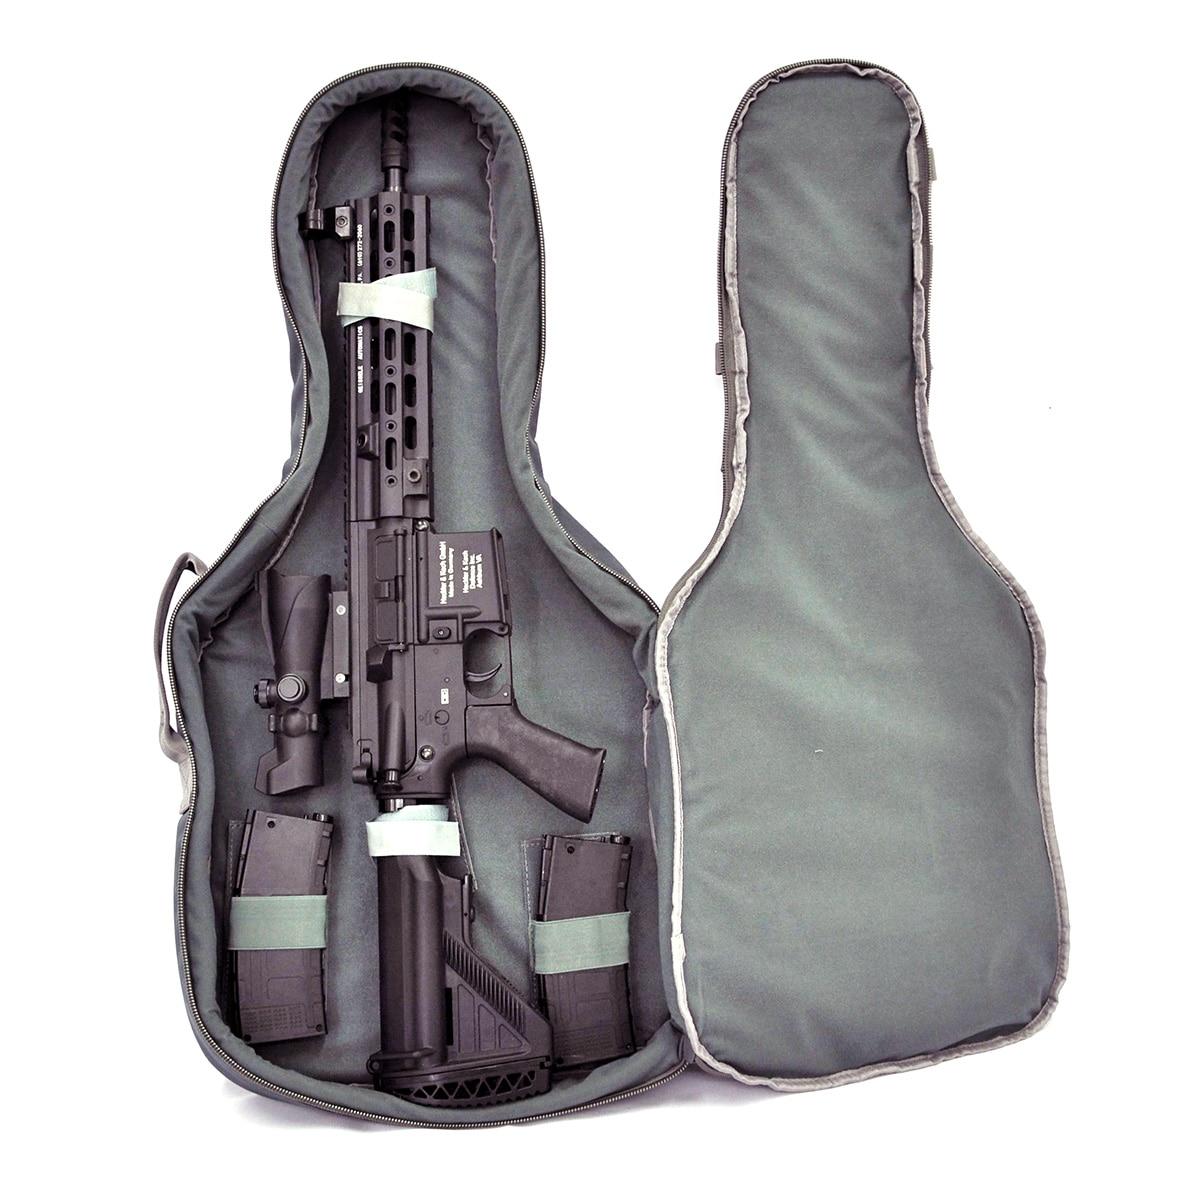 Чехол для охотничьей гитары, винтовки, страйкбола, Наплечная Сумка для оружия| |   | АлиЭкспресс